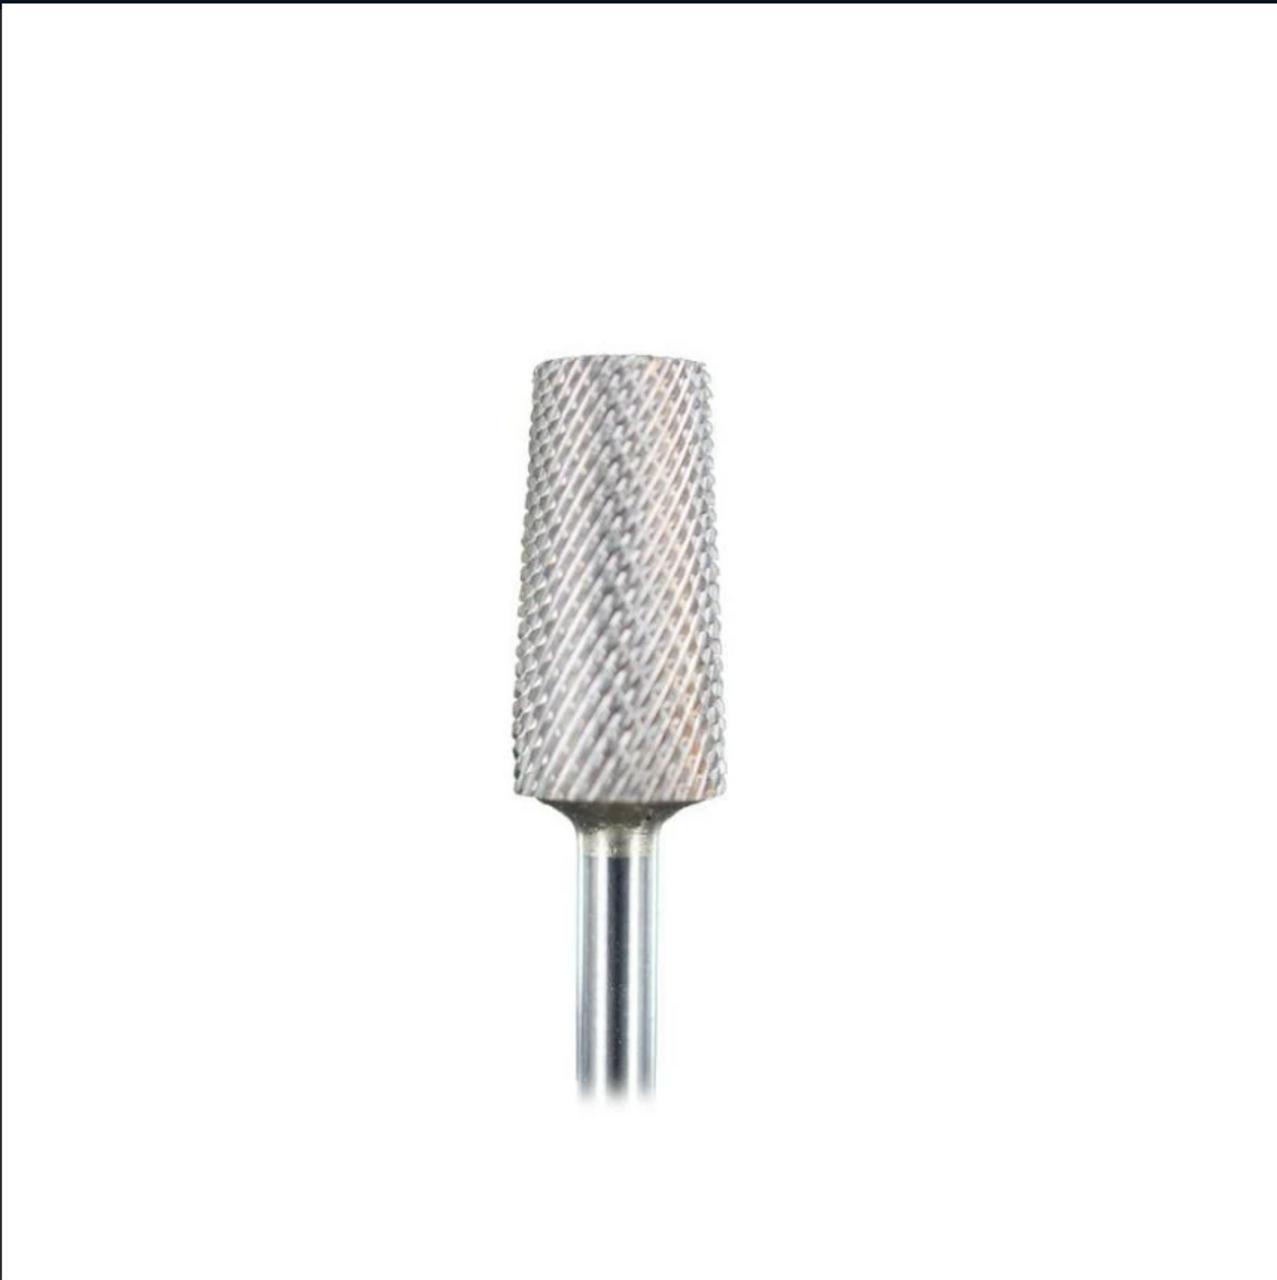 Tec Pro 3 in 1 Silver Carbide Bit, Fine